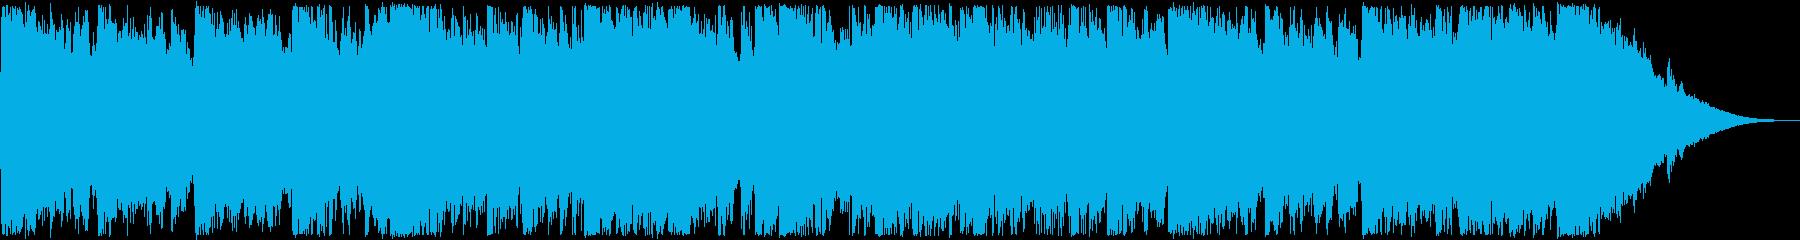 CM・洋楽・おしゃれな女性ボーカルポップの再生済みの波形